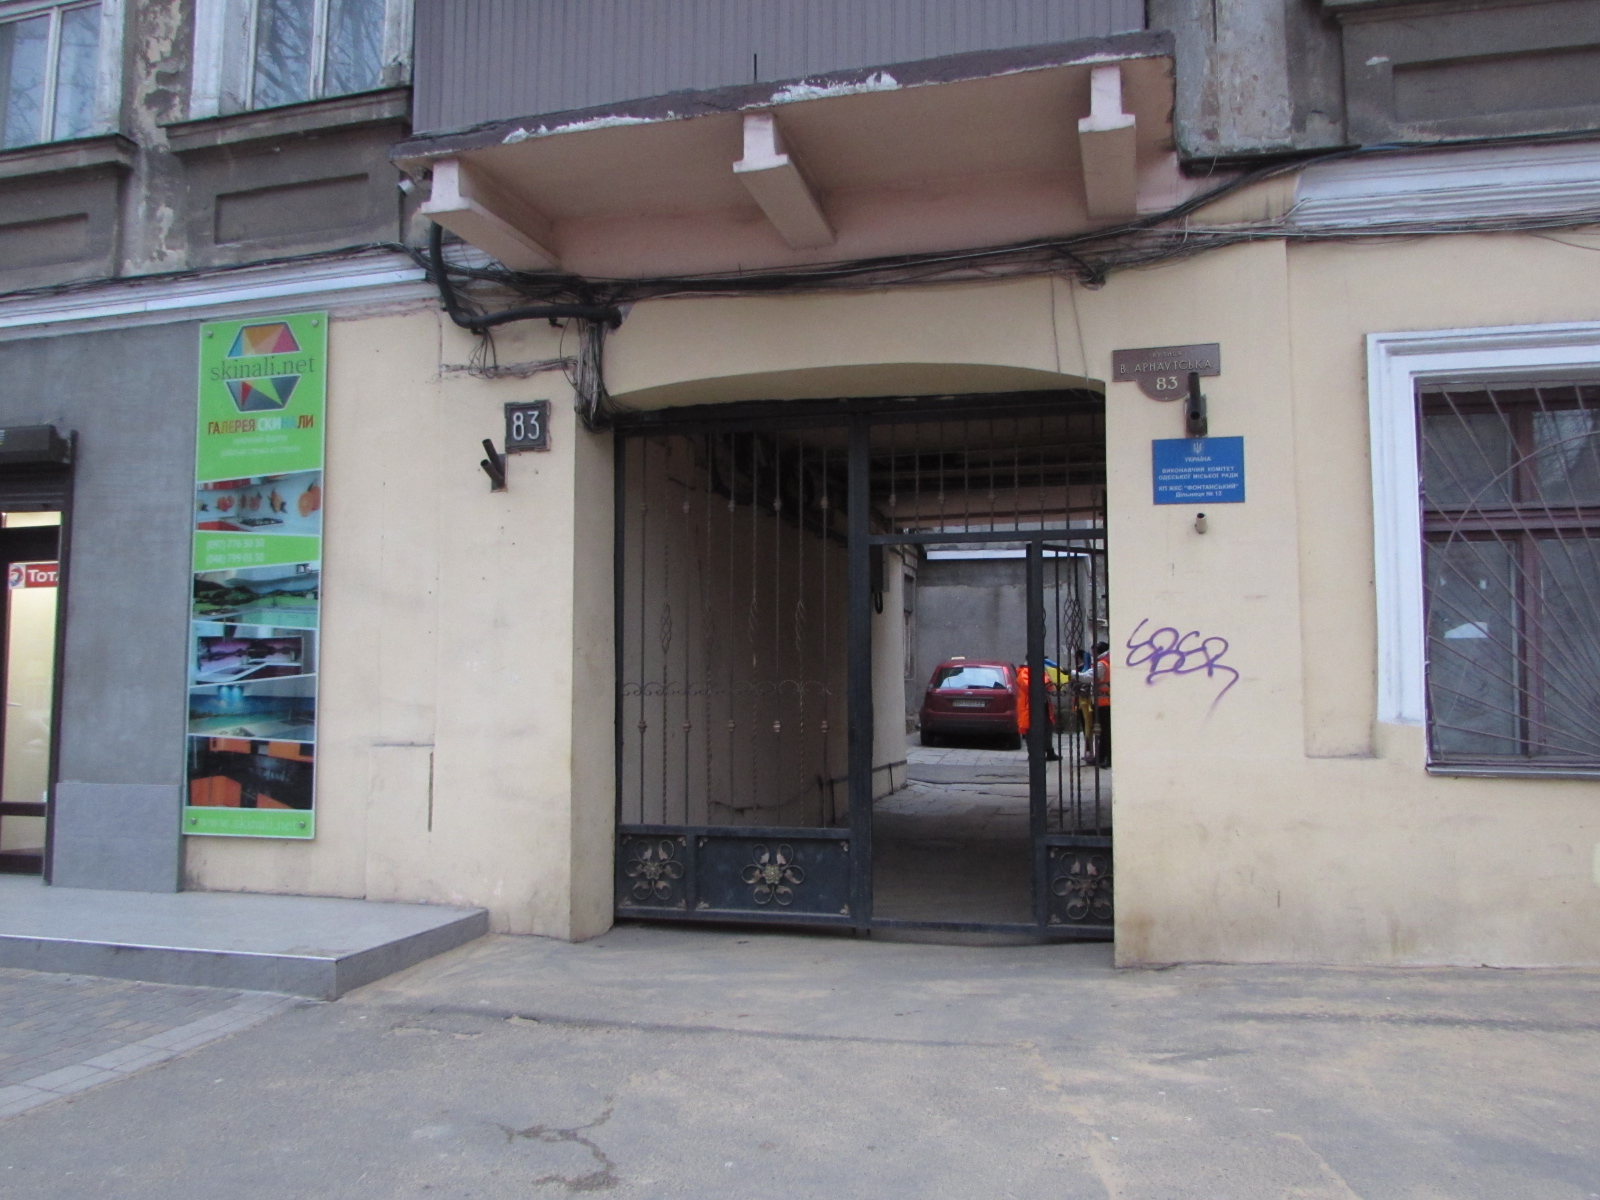 Участок №12, КП ЖКС Фонтанский